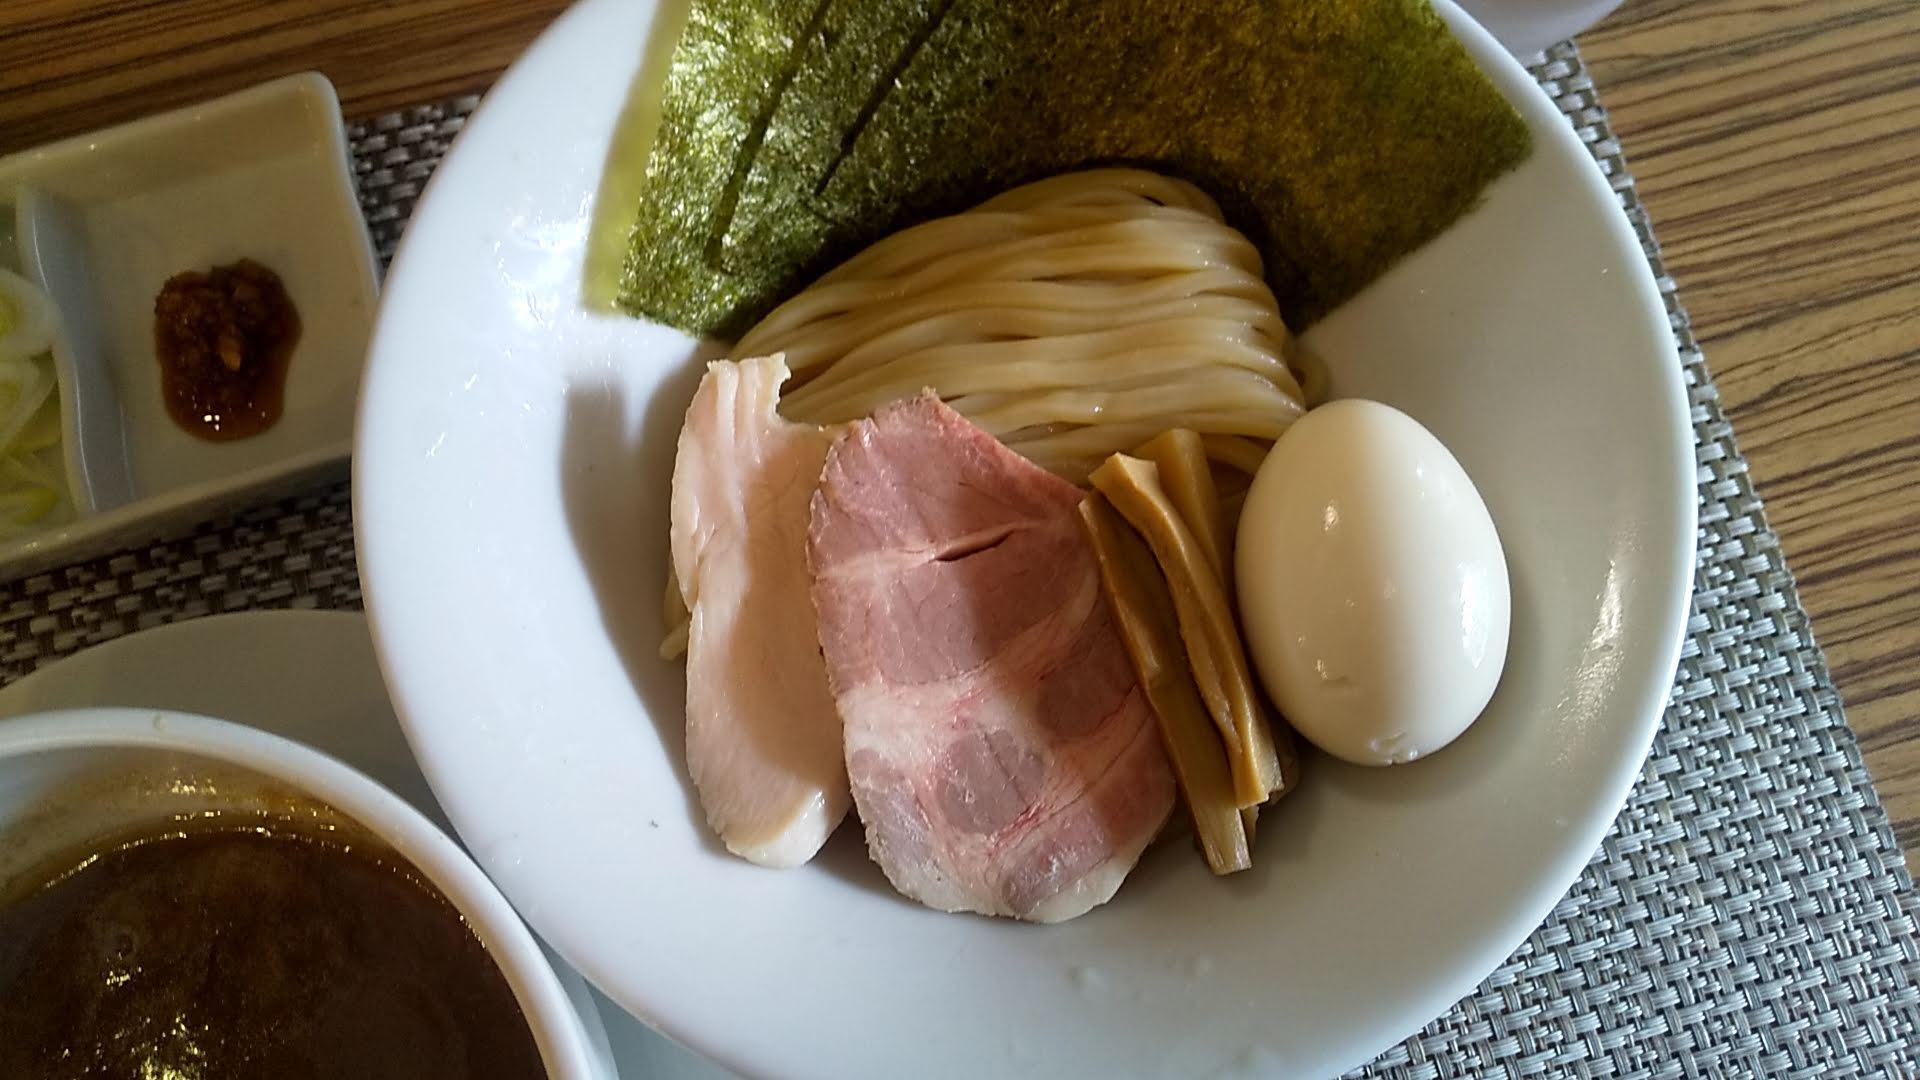 つけ麺和の特製つけ麺の麺皿